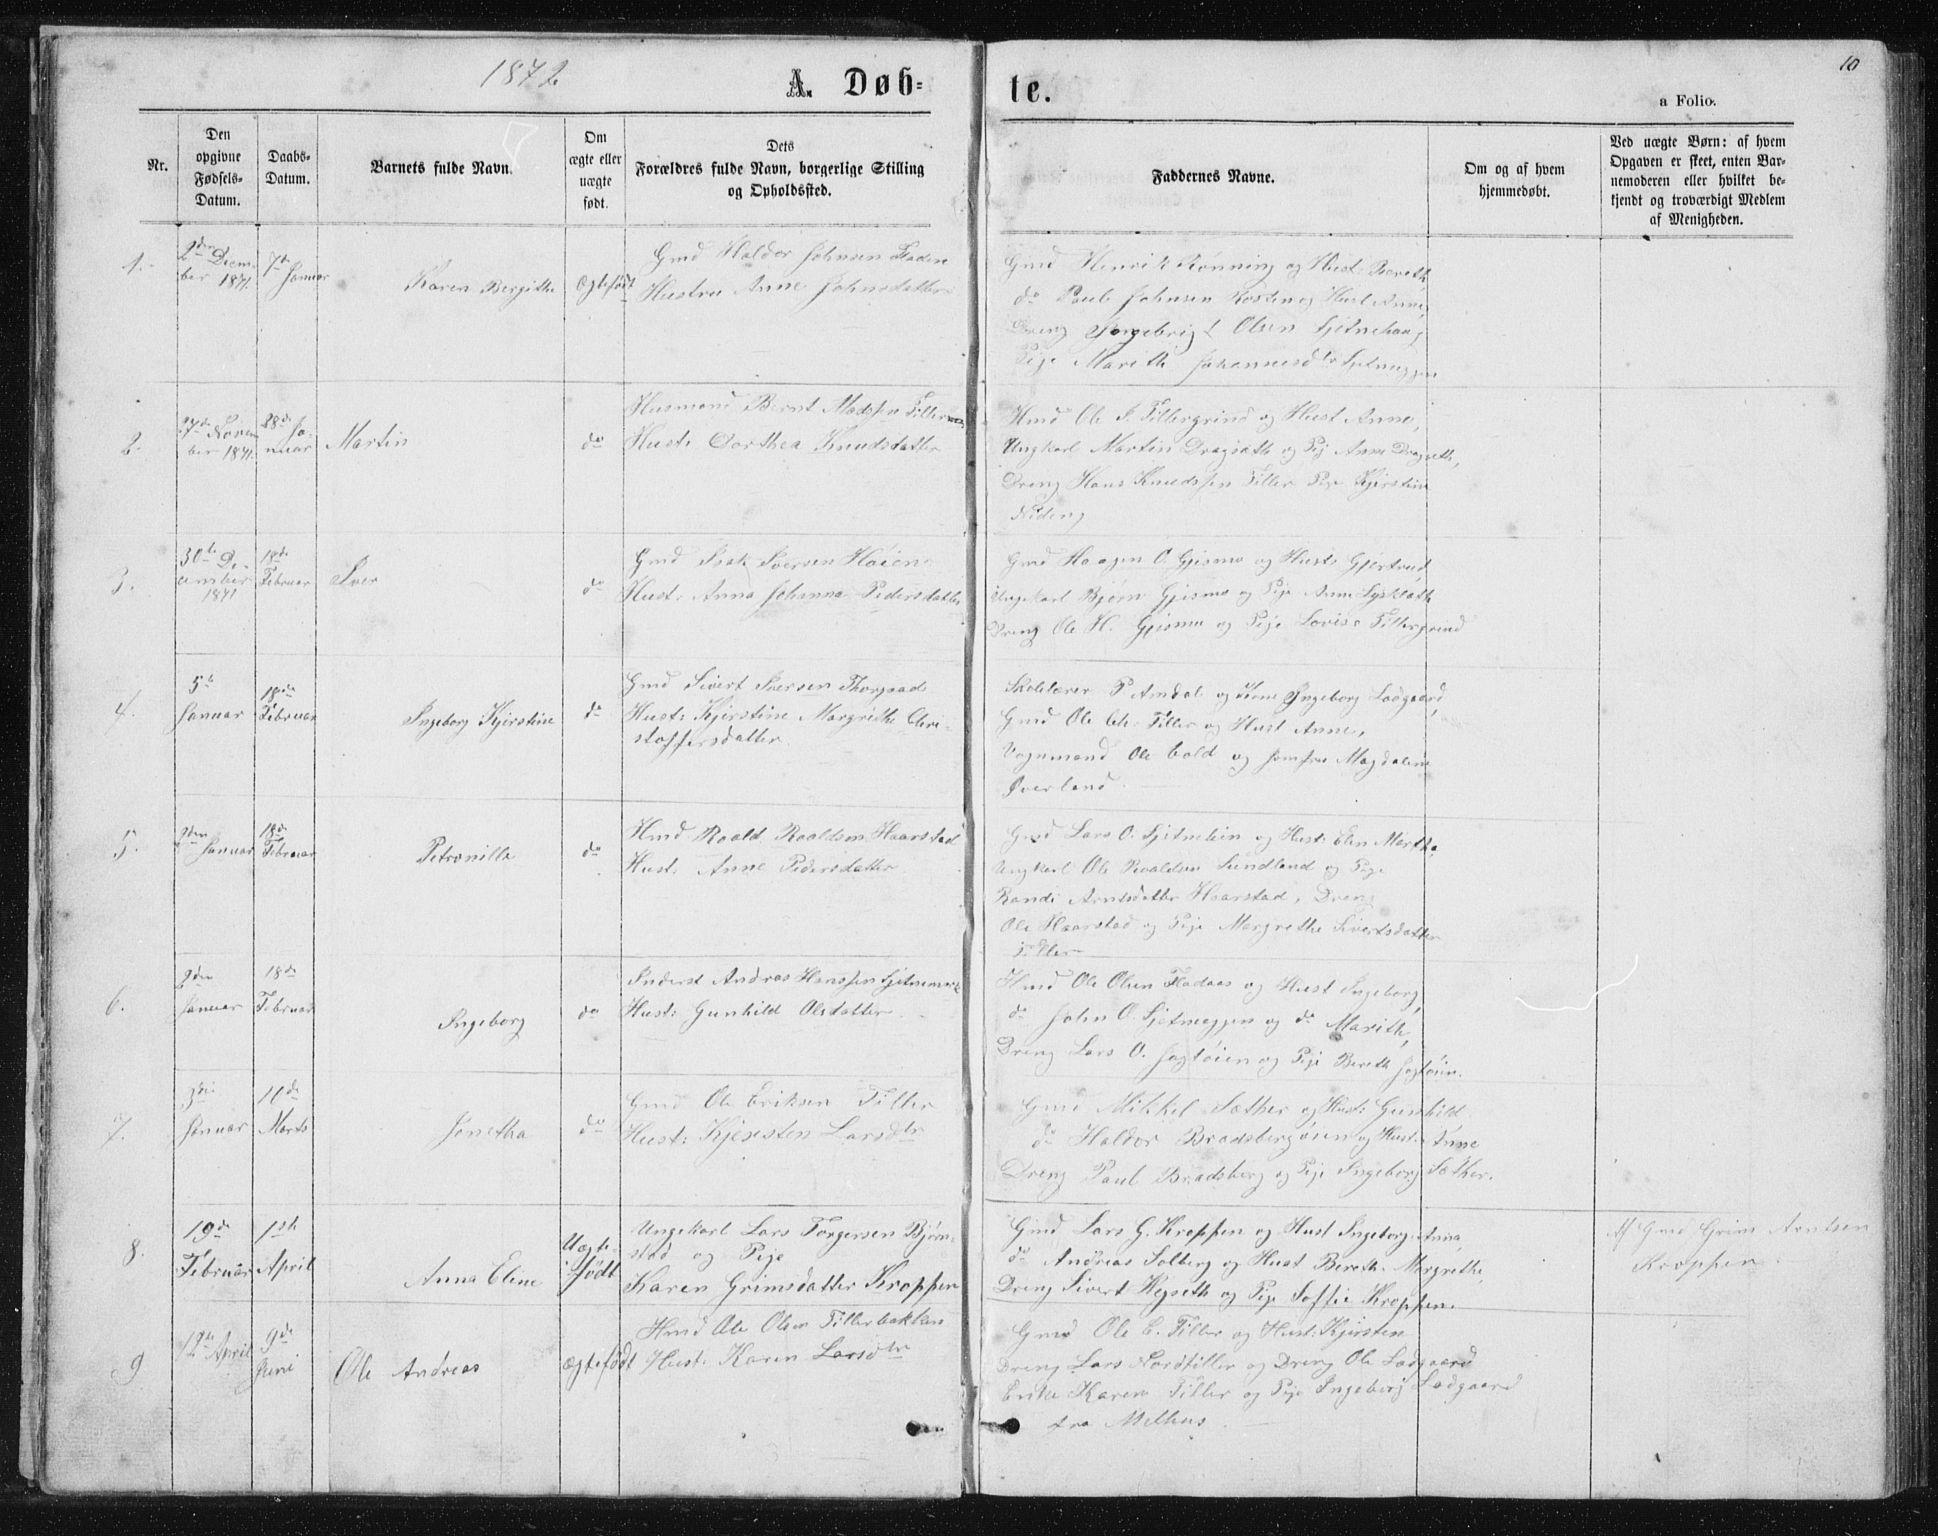 SAT, Ministerialprotokoller, klokkerbøker og fødselsregistre - Sør-Trøndelag, 621/L0459: Klokkerbok nr. 621C02, 1866-1895, s. 10